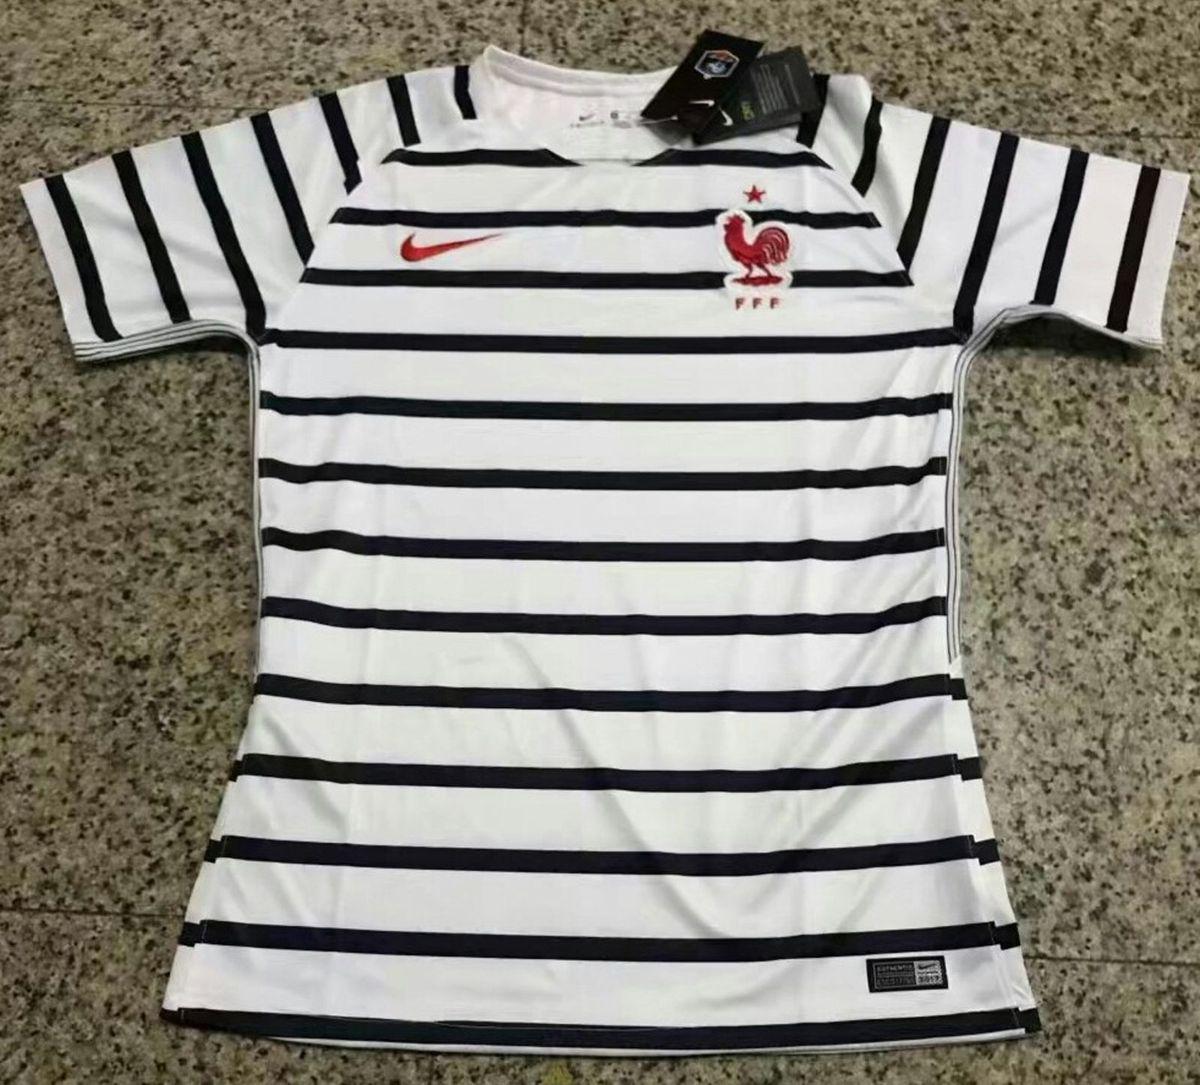 camisa da frança treino importada pronta entrega - esportes nike 4cd9aa533bf7c